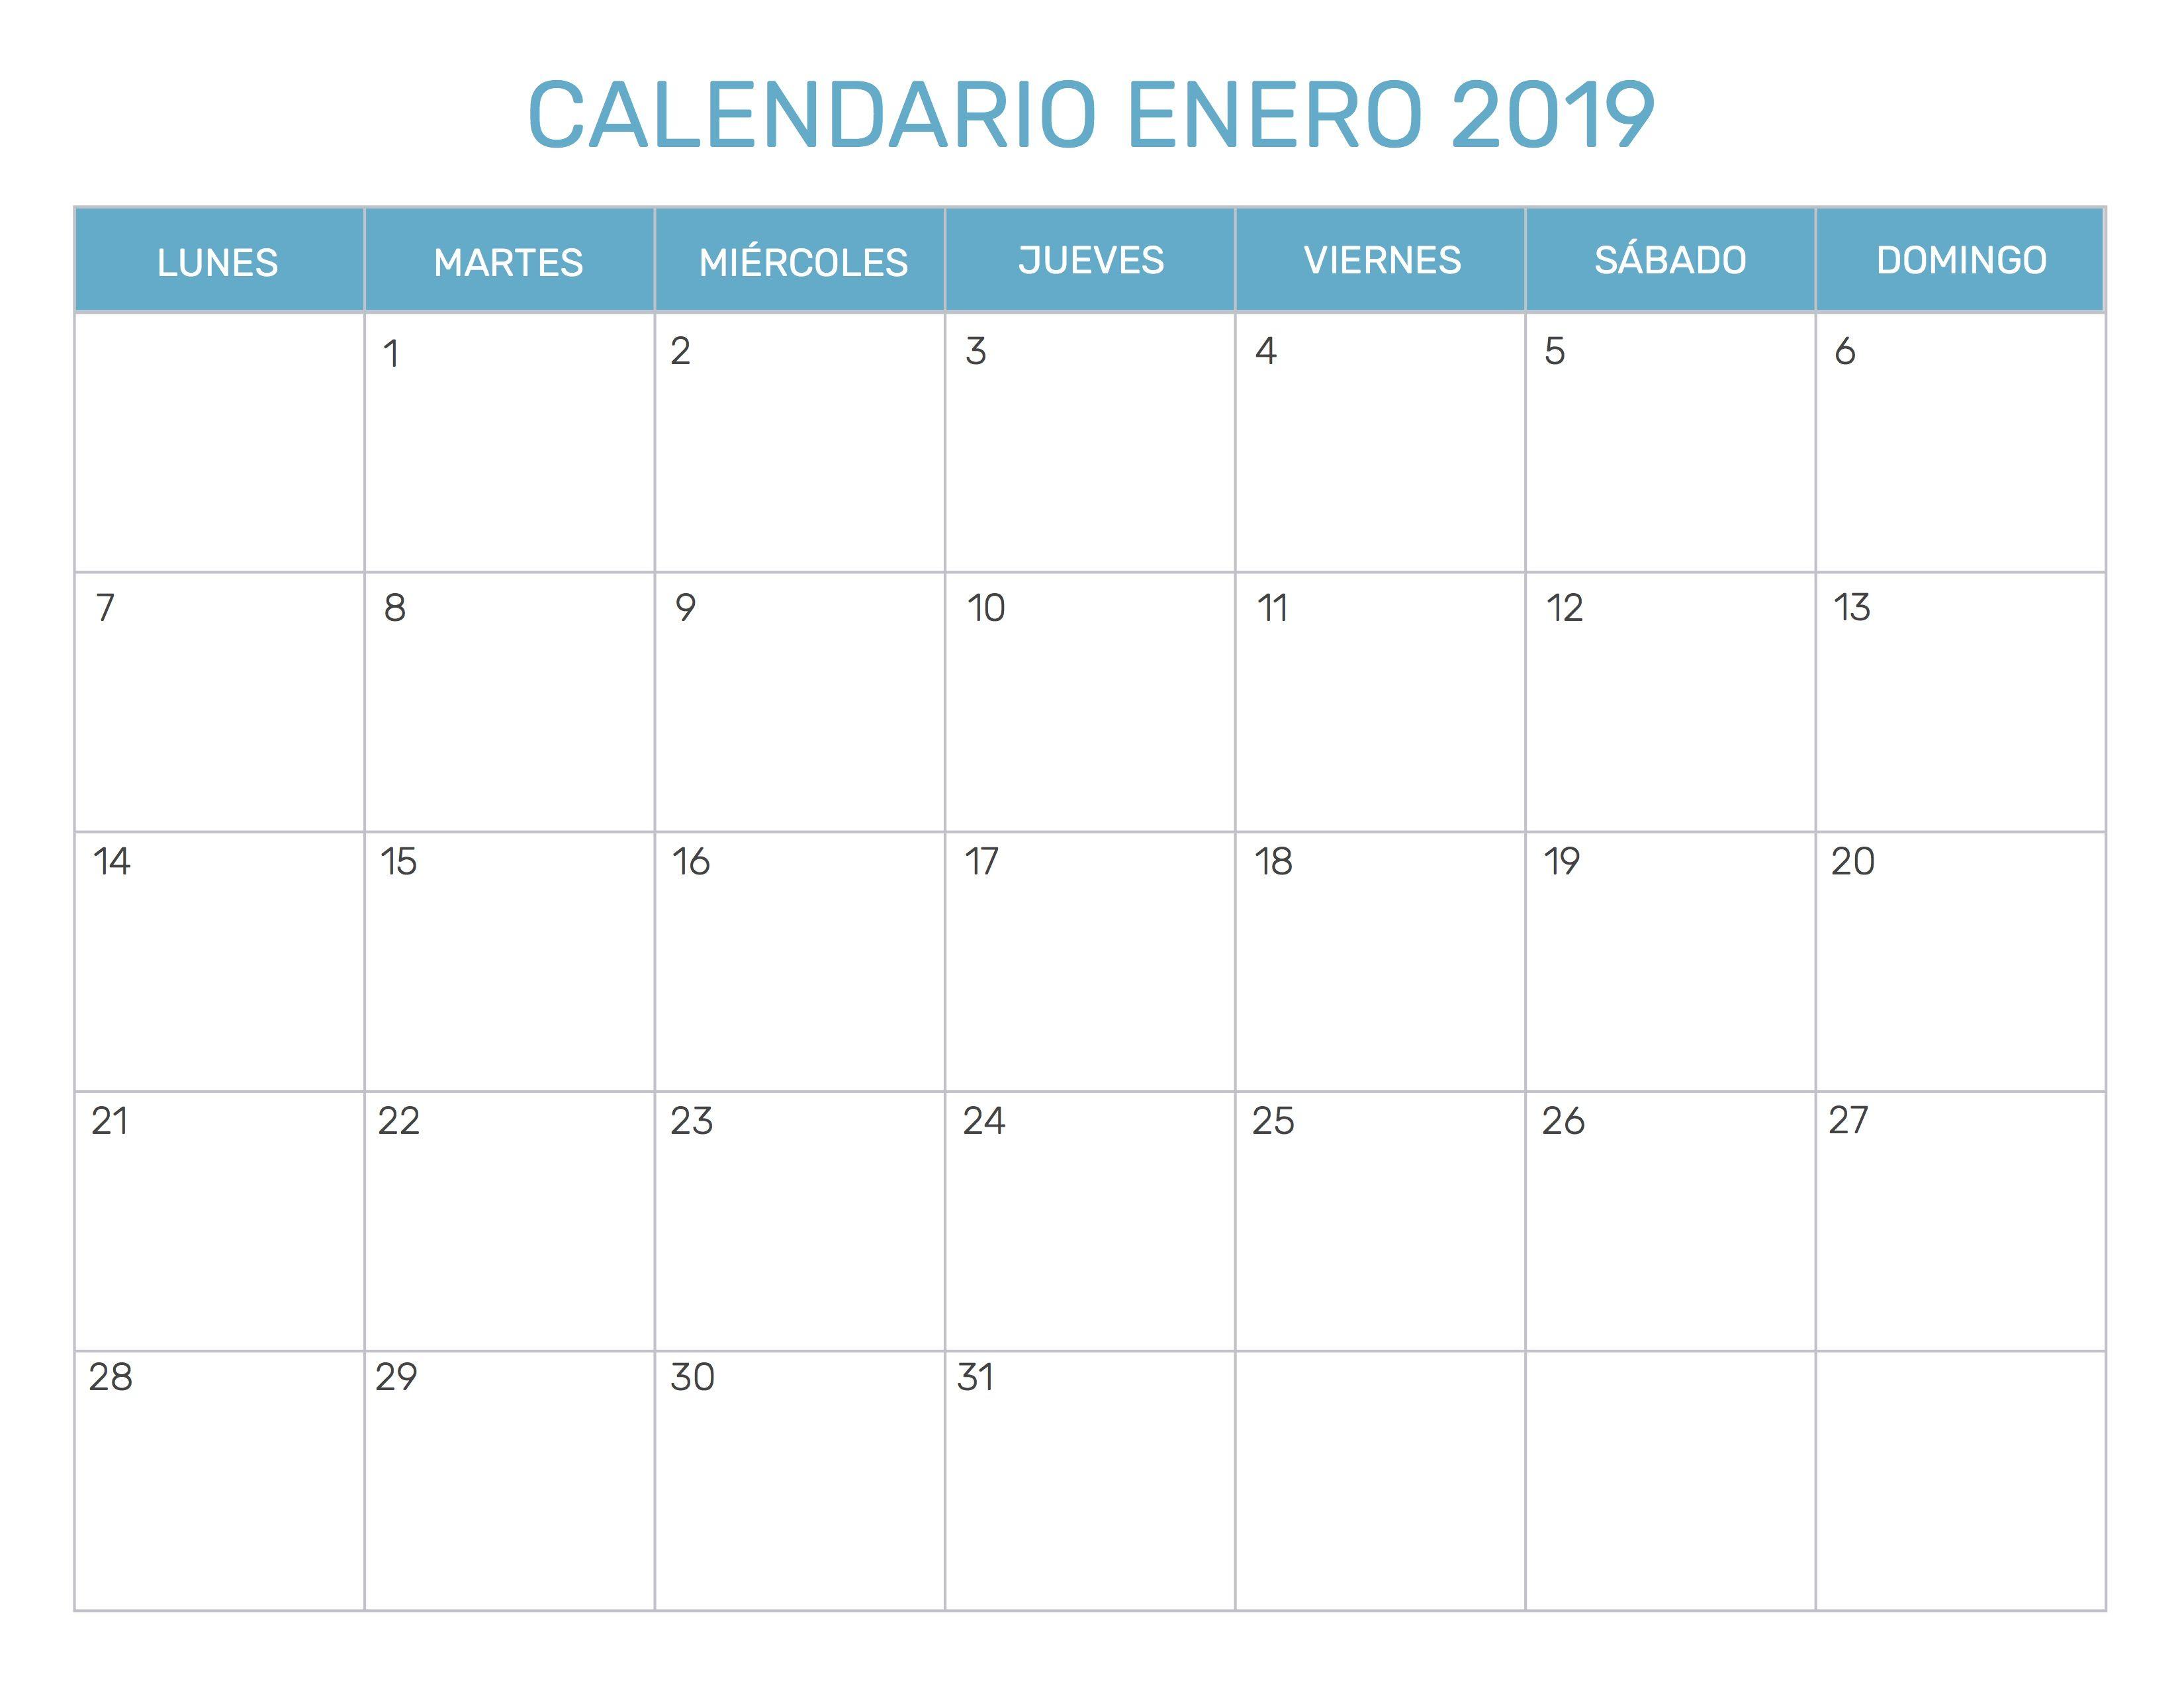 Calendario Con Todos Los Meses Del Año 2019 Para Planificar Tus Actividades Disponible Para Descargar Calendario Enero Calendario De Octubre Calendario Julio